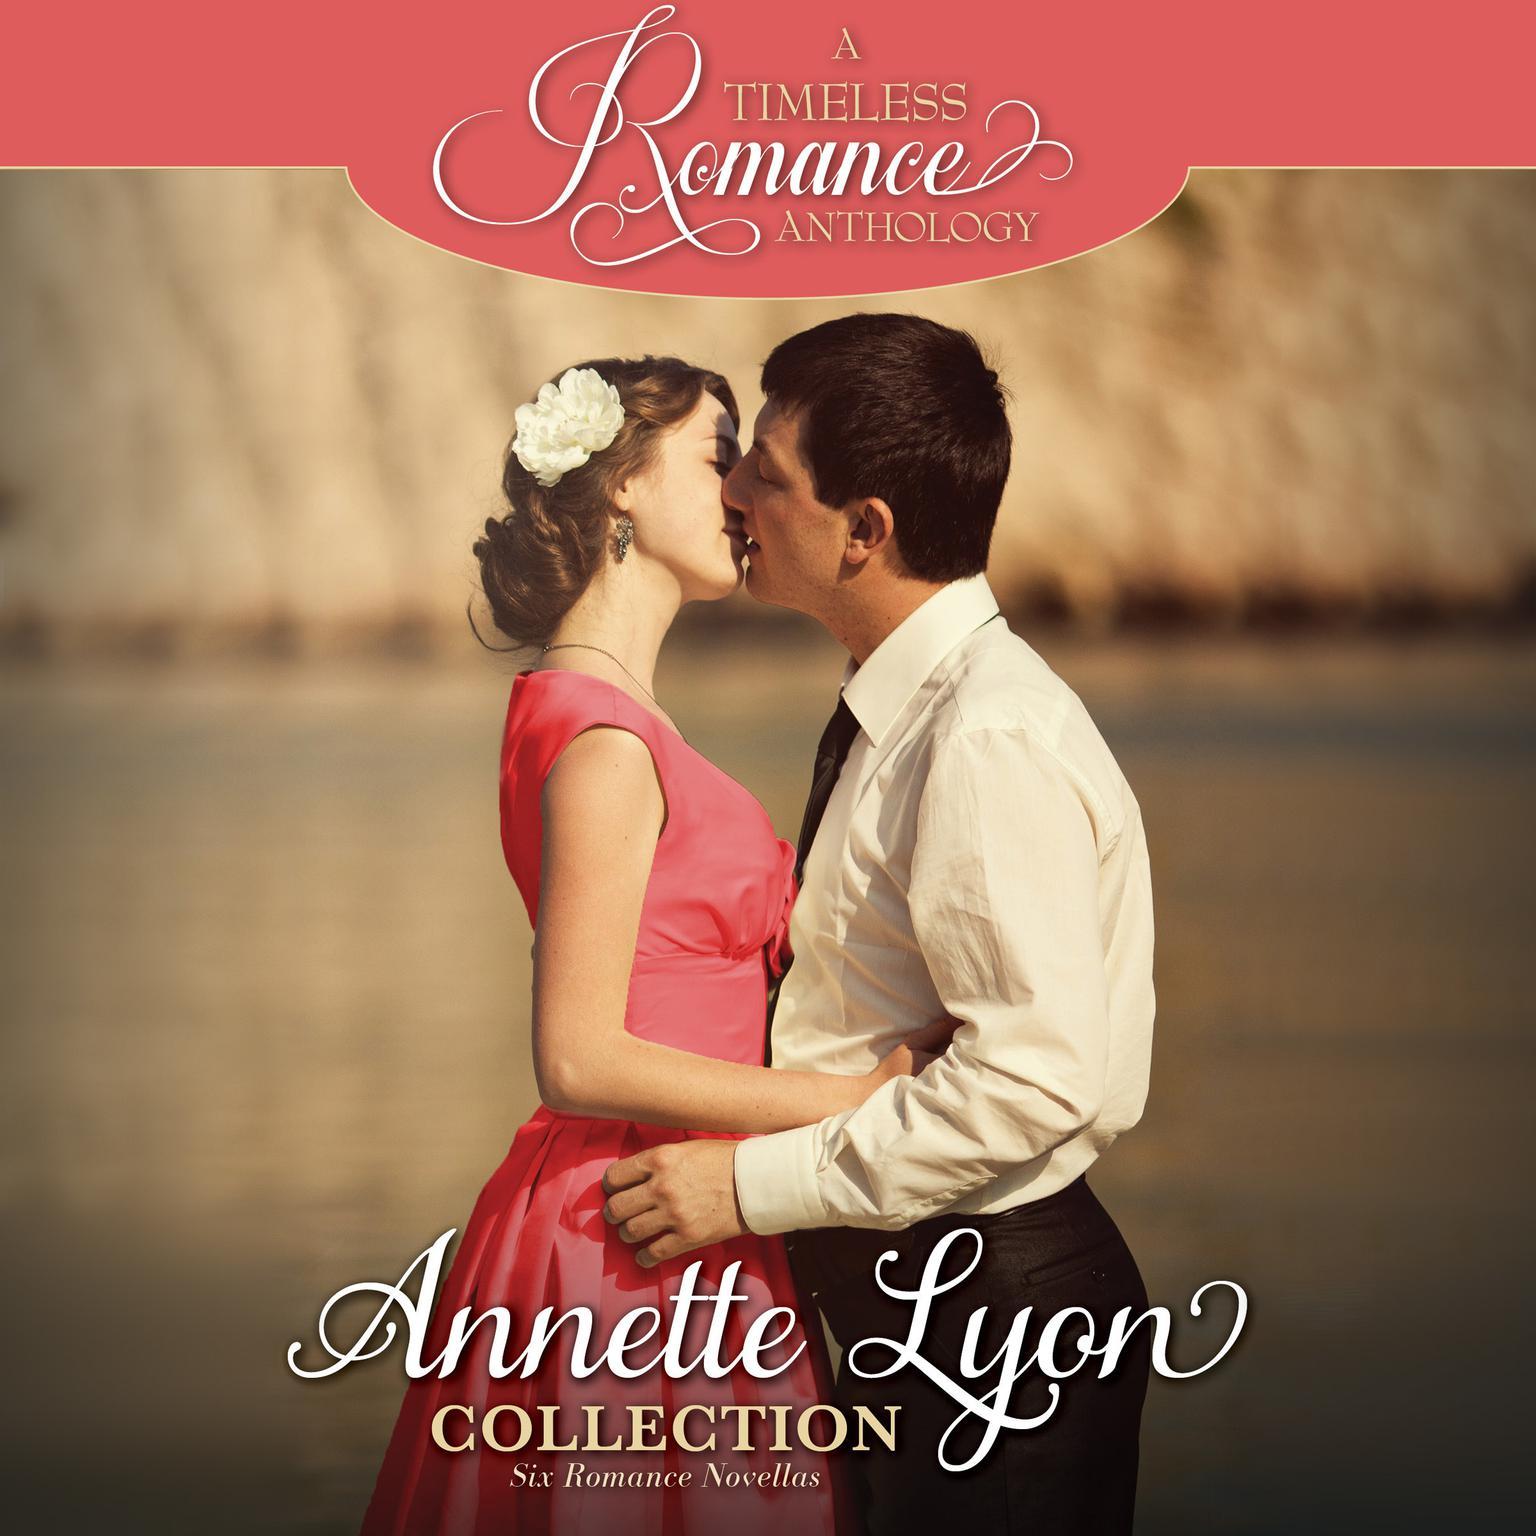 Annette Lyon Collection: Six Romance Novellas Audiobook, by Annette Lyon